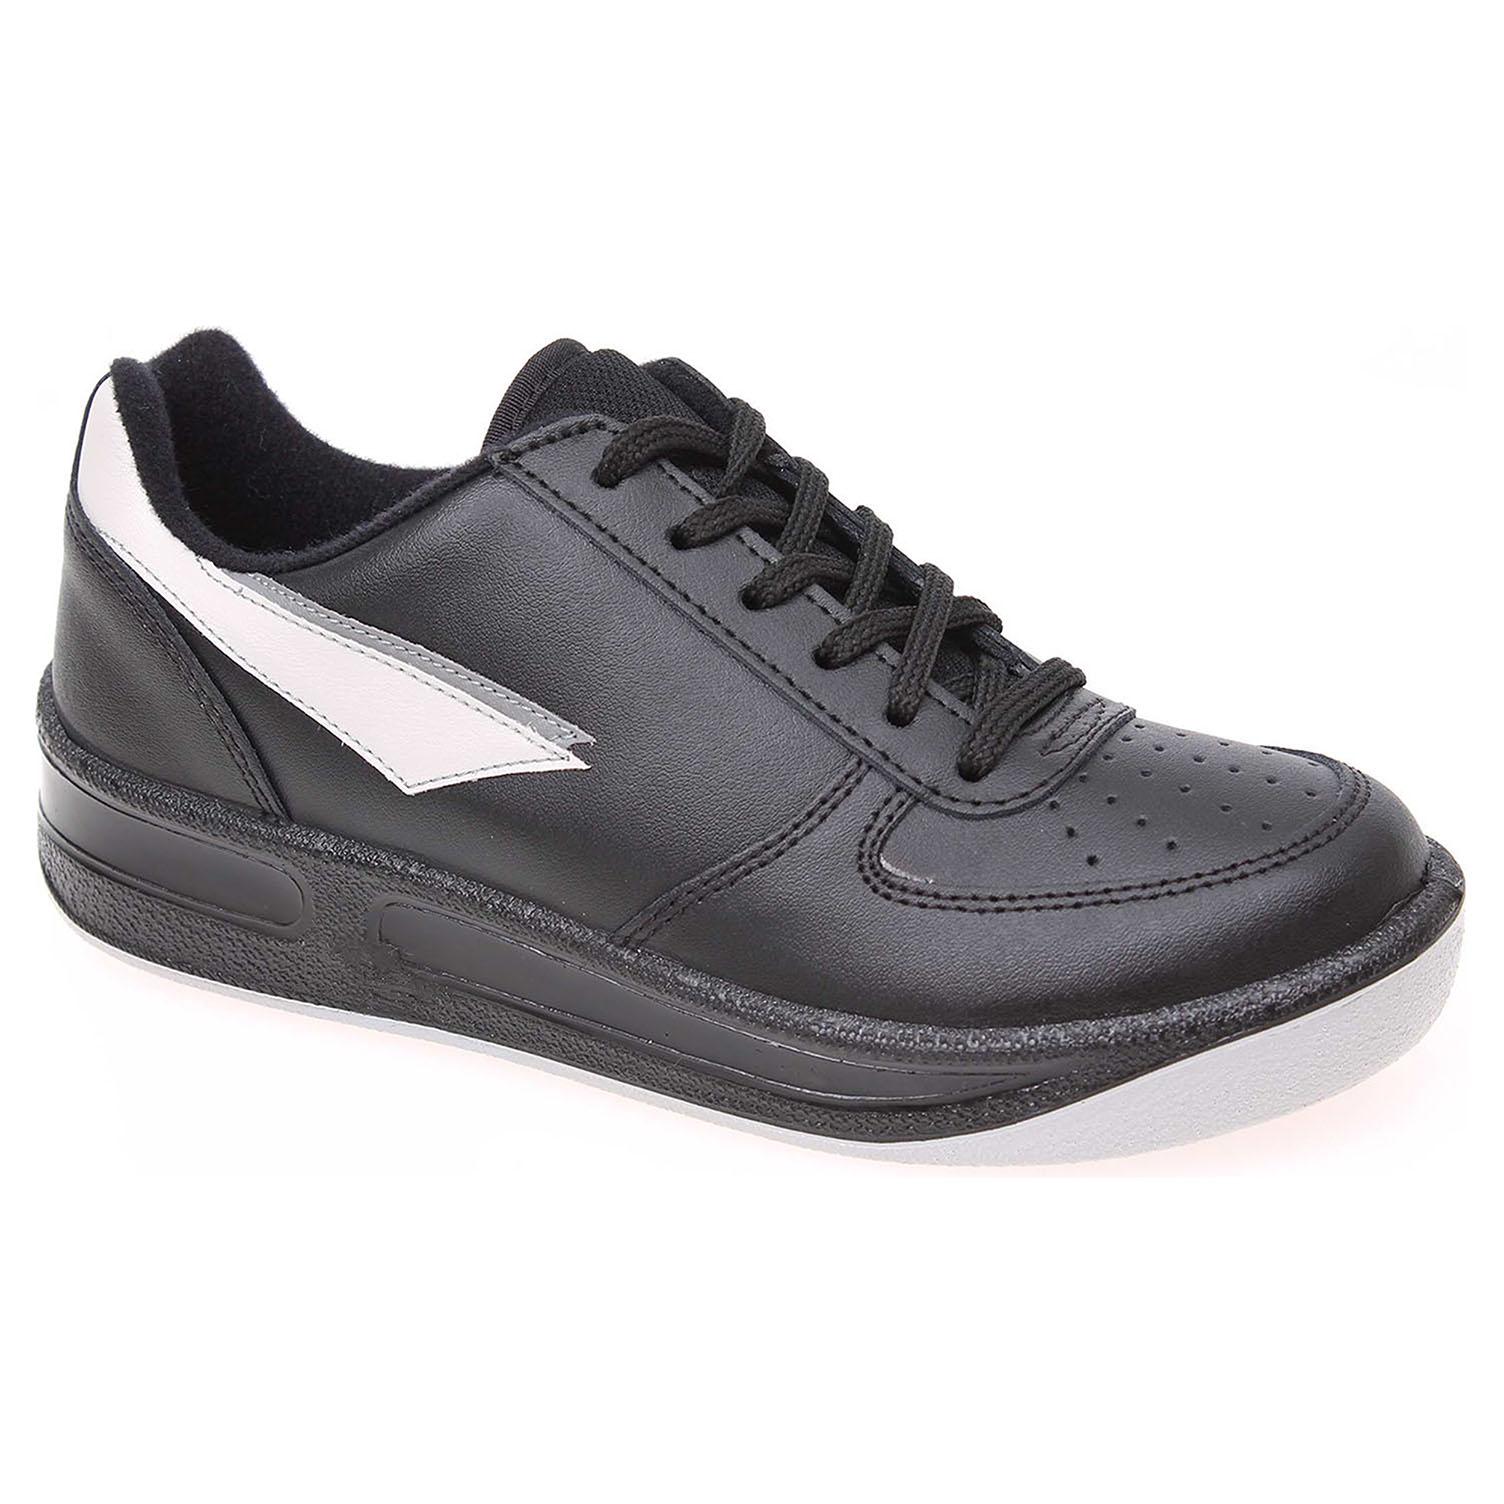 Dámská sportovní obuv Prestige M86808 černé 86808-60 č 39